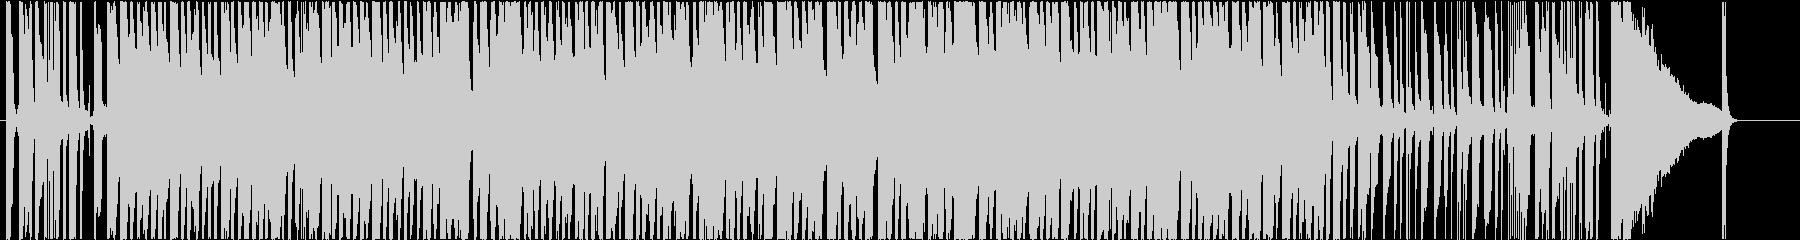 冬っぽいベルの音を使ったスイングなポップの未再生の波形